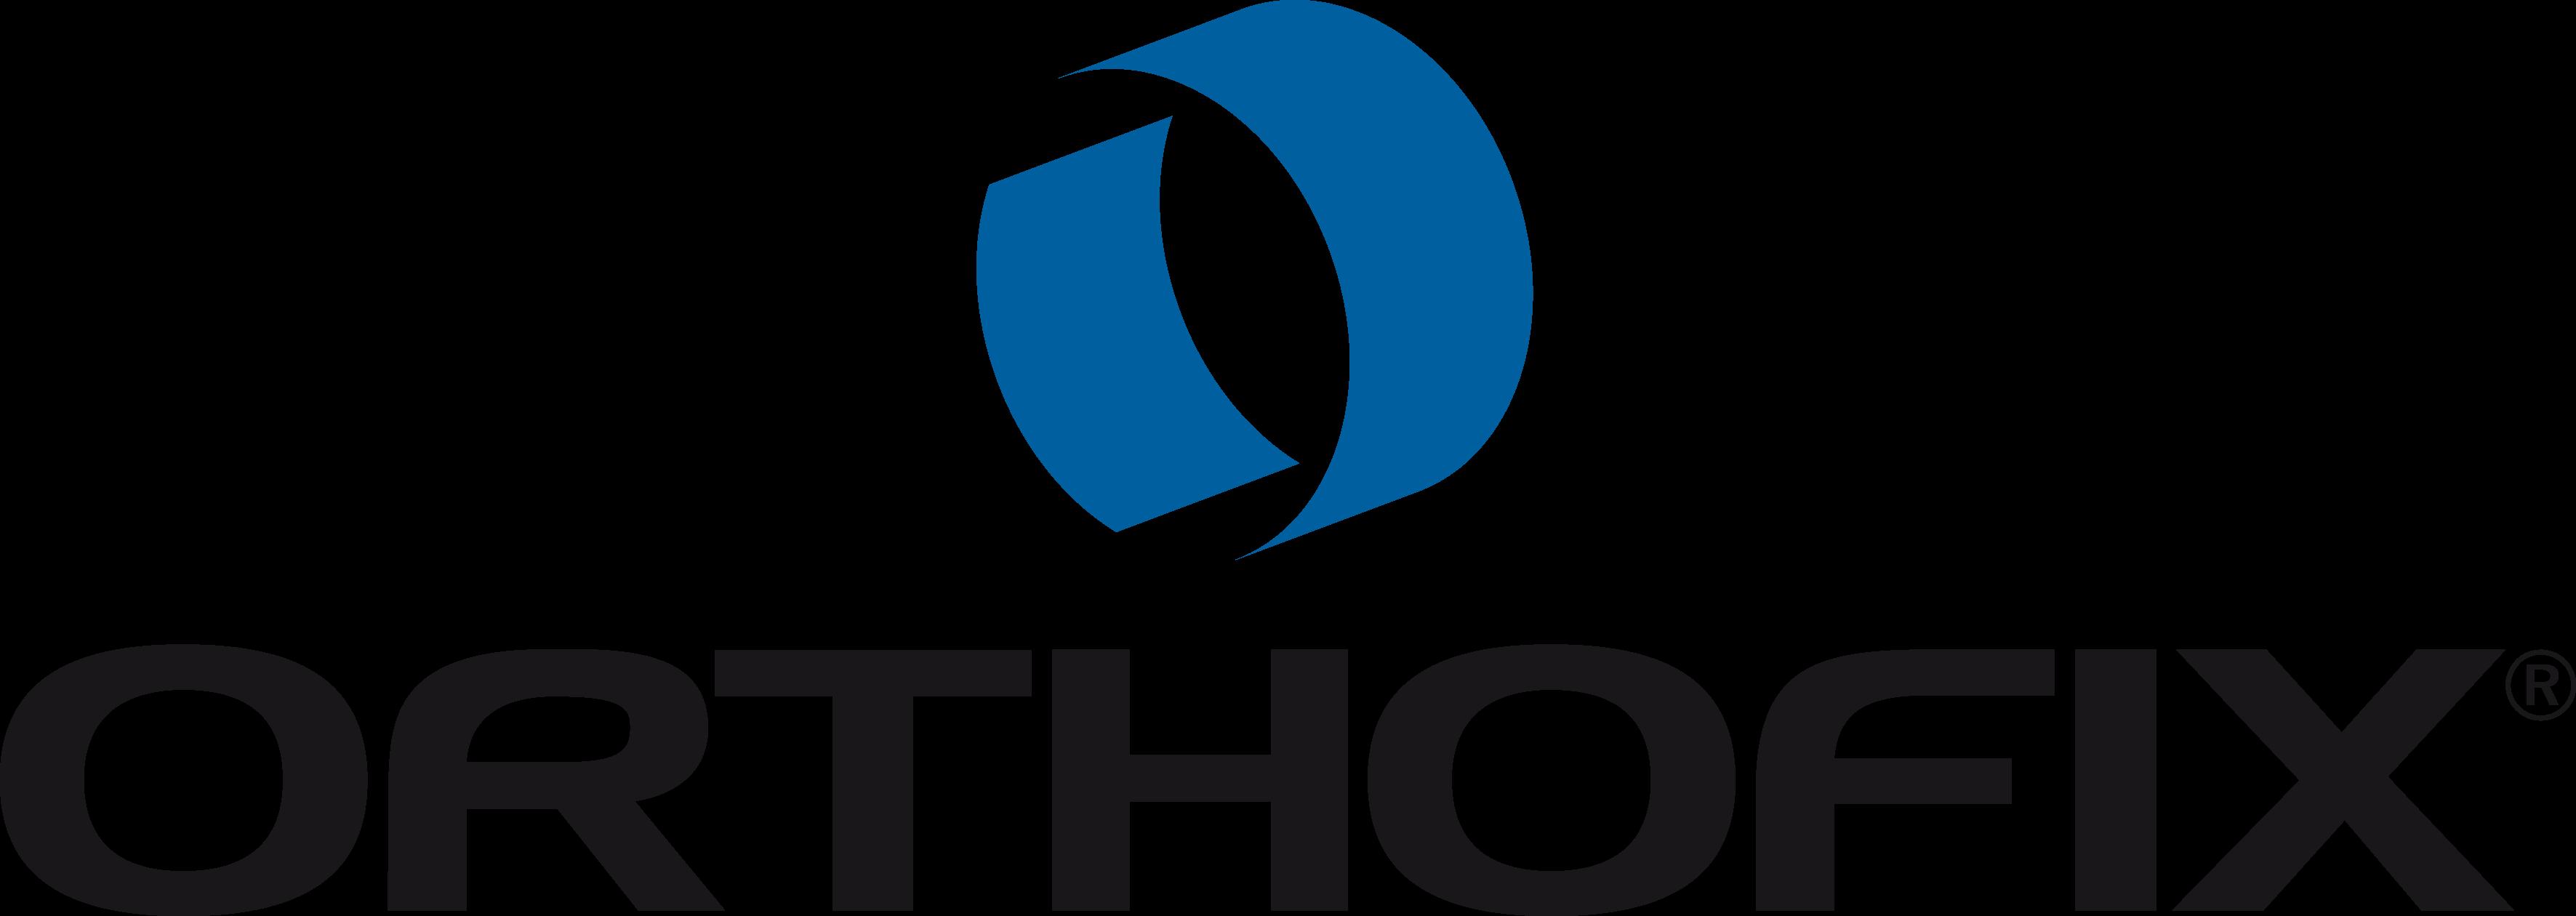 logo orthofix